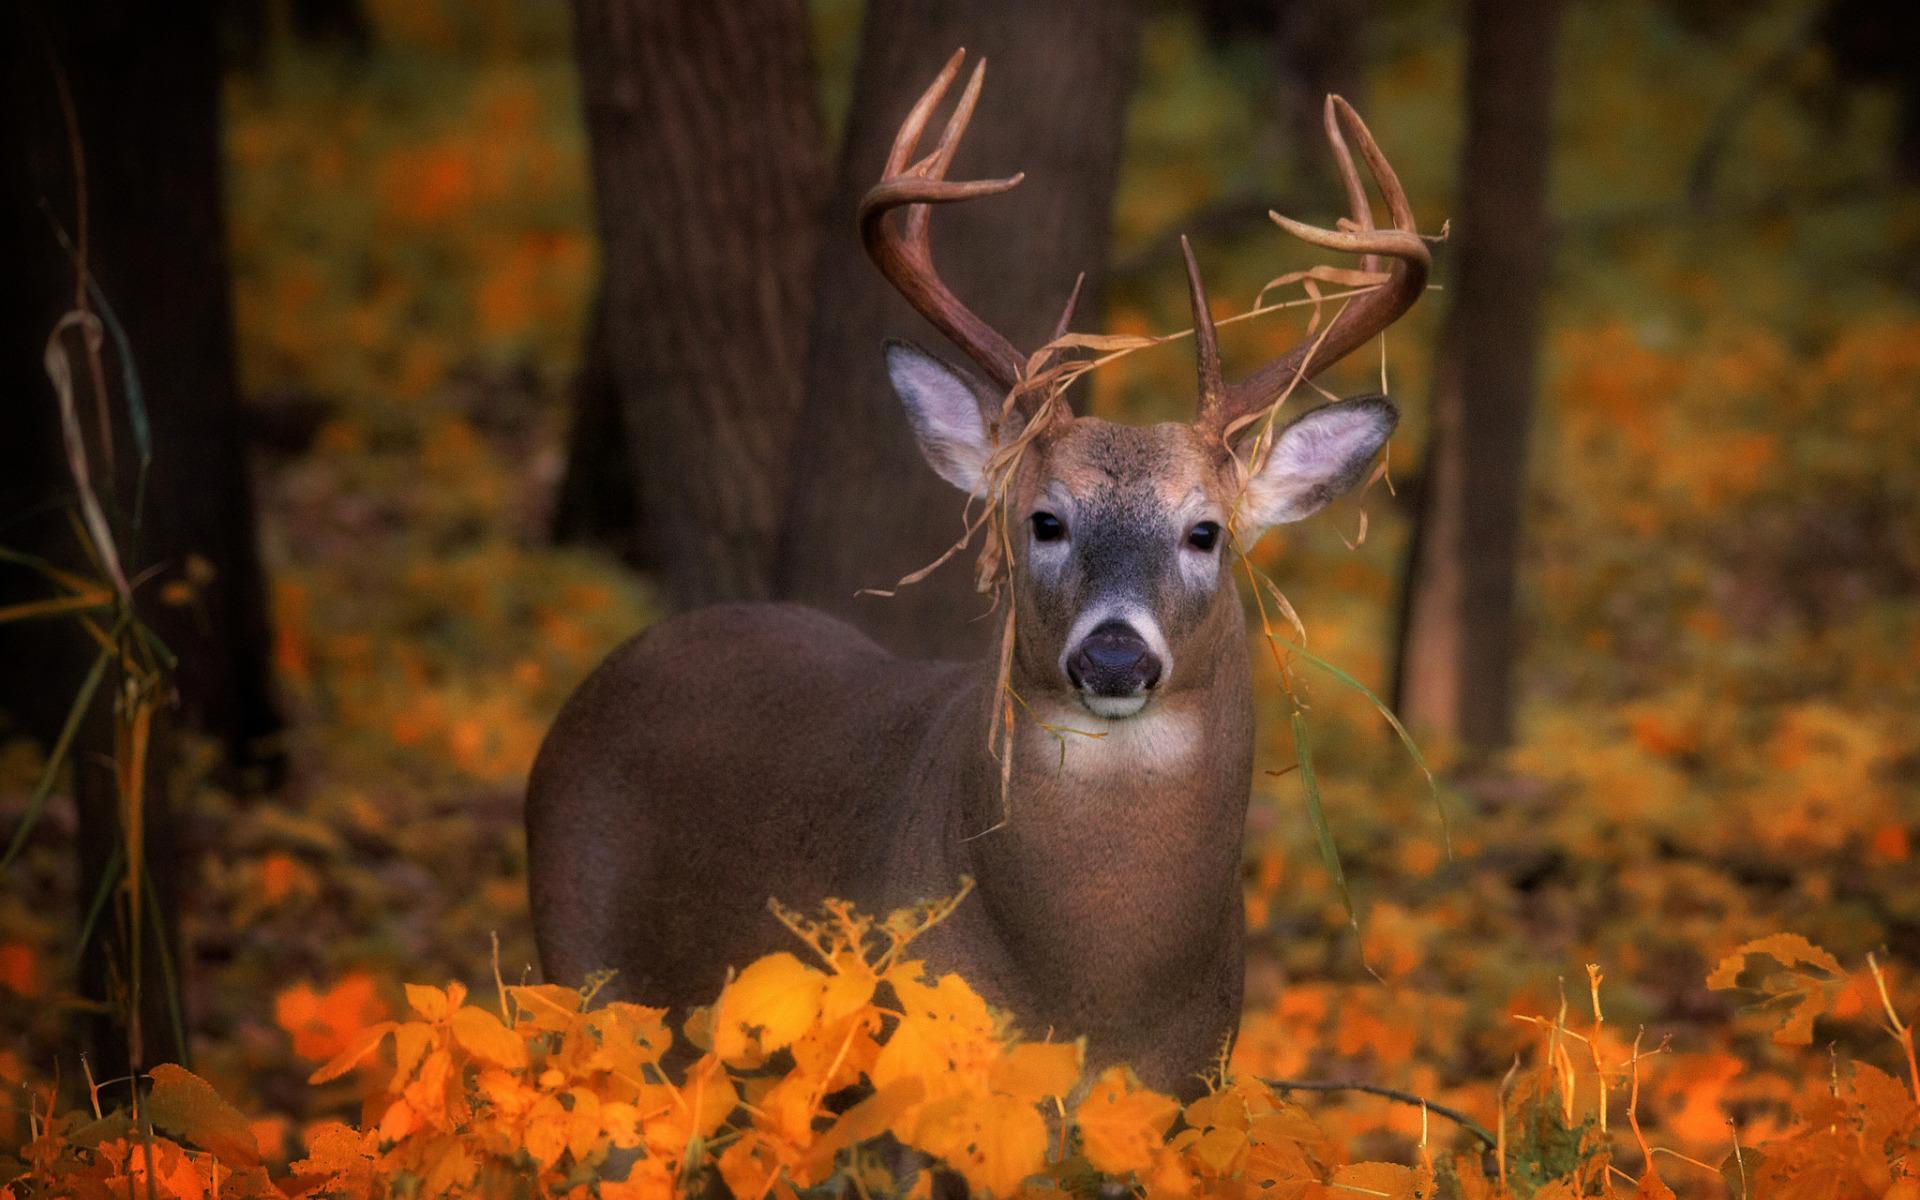 животные и осень в картинках для самое интересное они